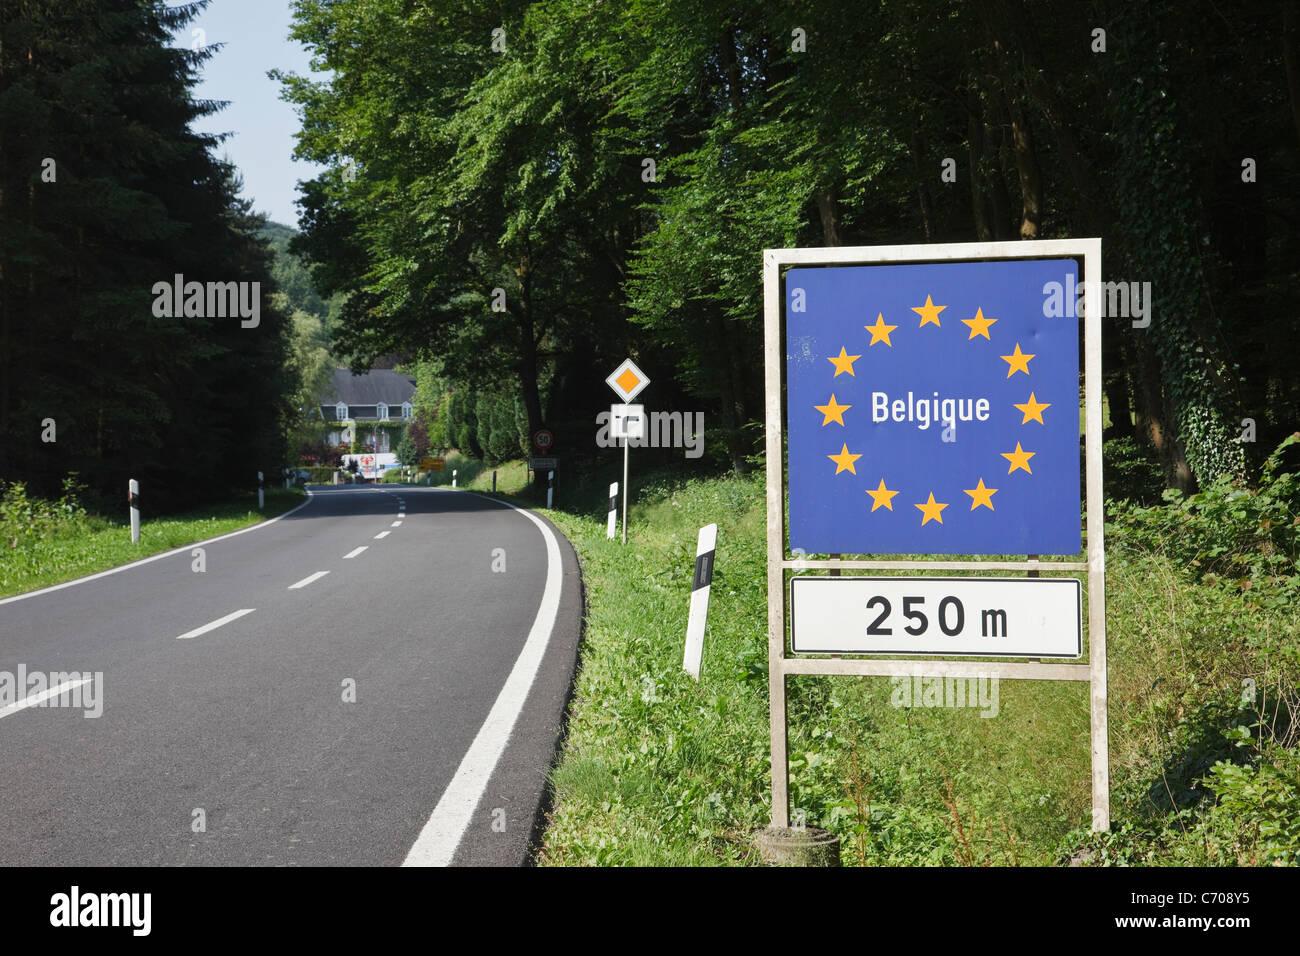 Strada per il Belgio con UE confine belga segno Belgique. Granducato del Lussemburgo, l'Europa. Immagini Stock